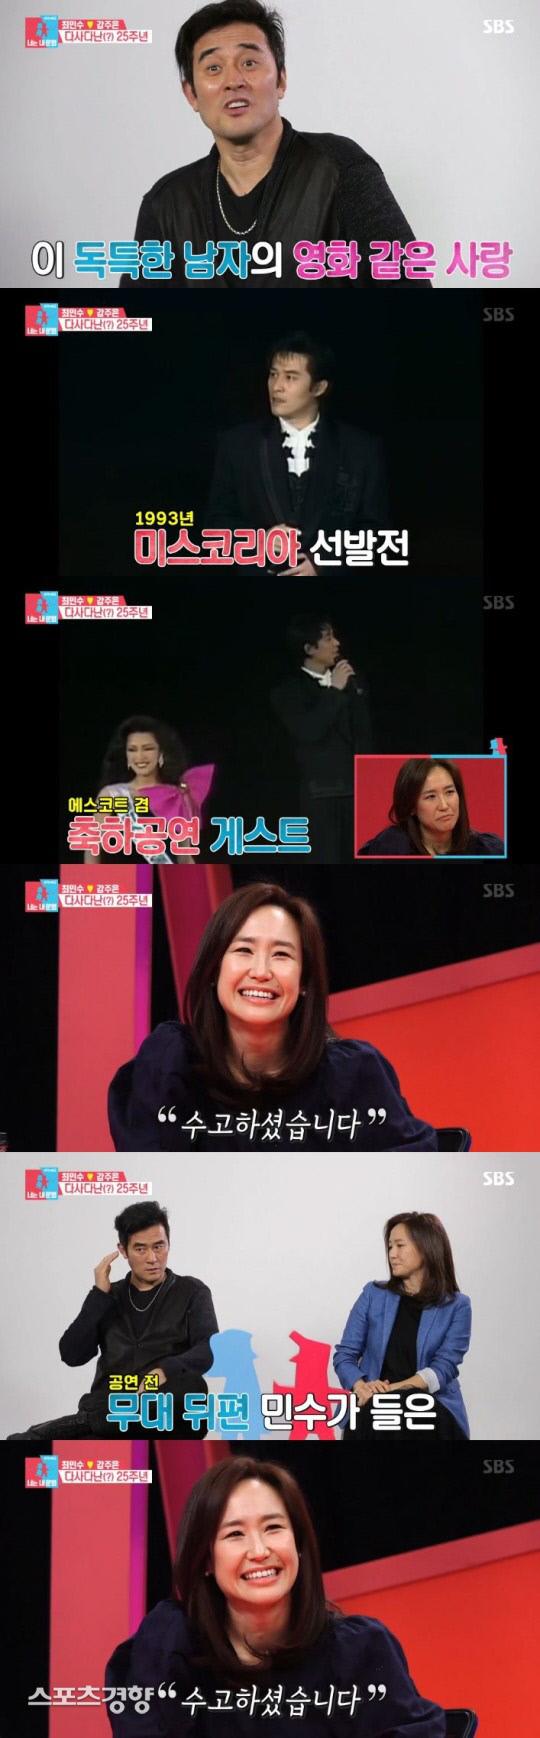 최민수·강주은 부부가 톡특했던 첫 만남을 털어놨다. SBS 방송 화면 캡처